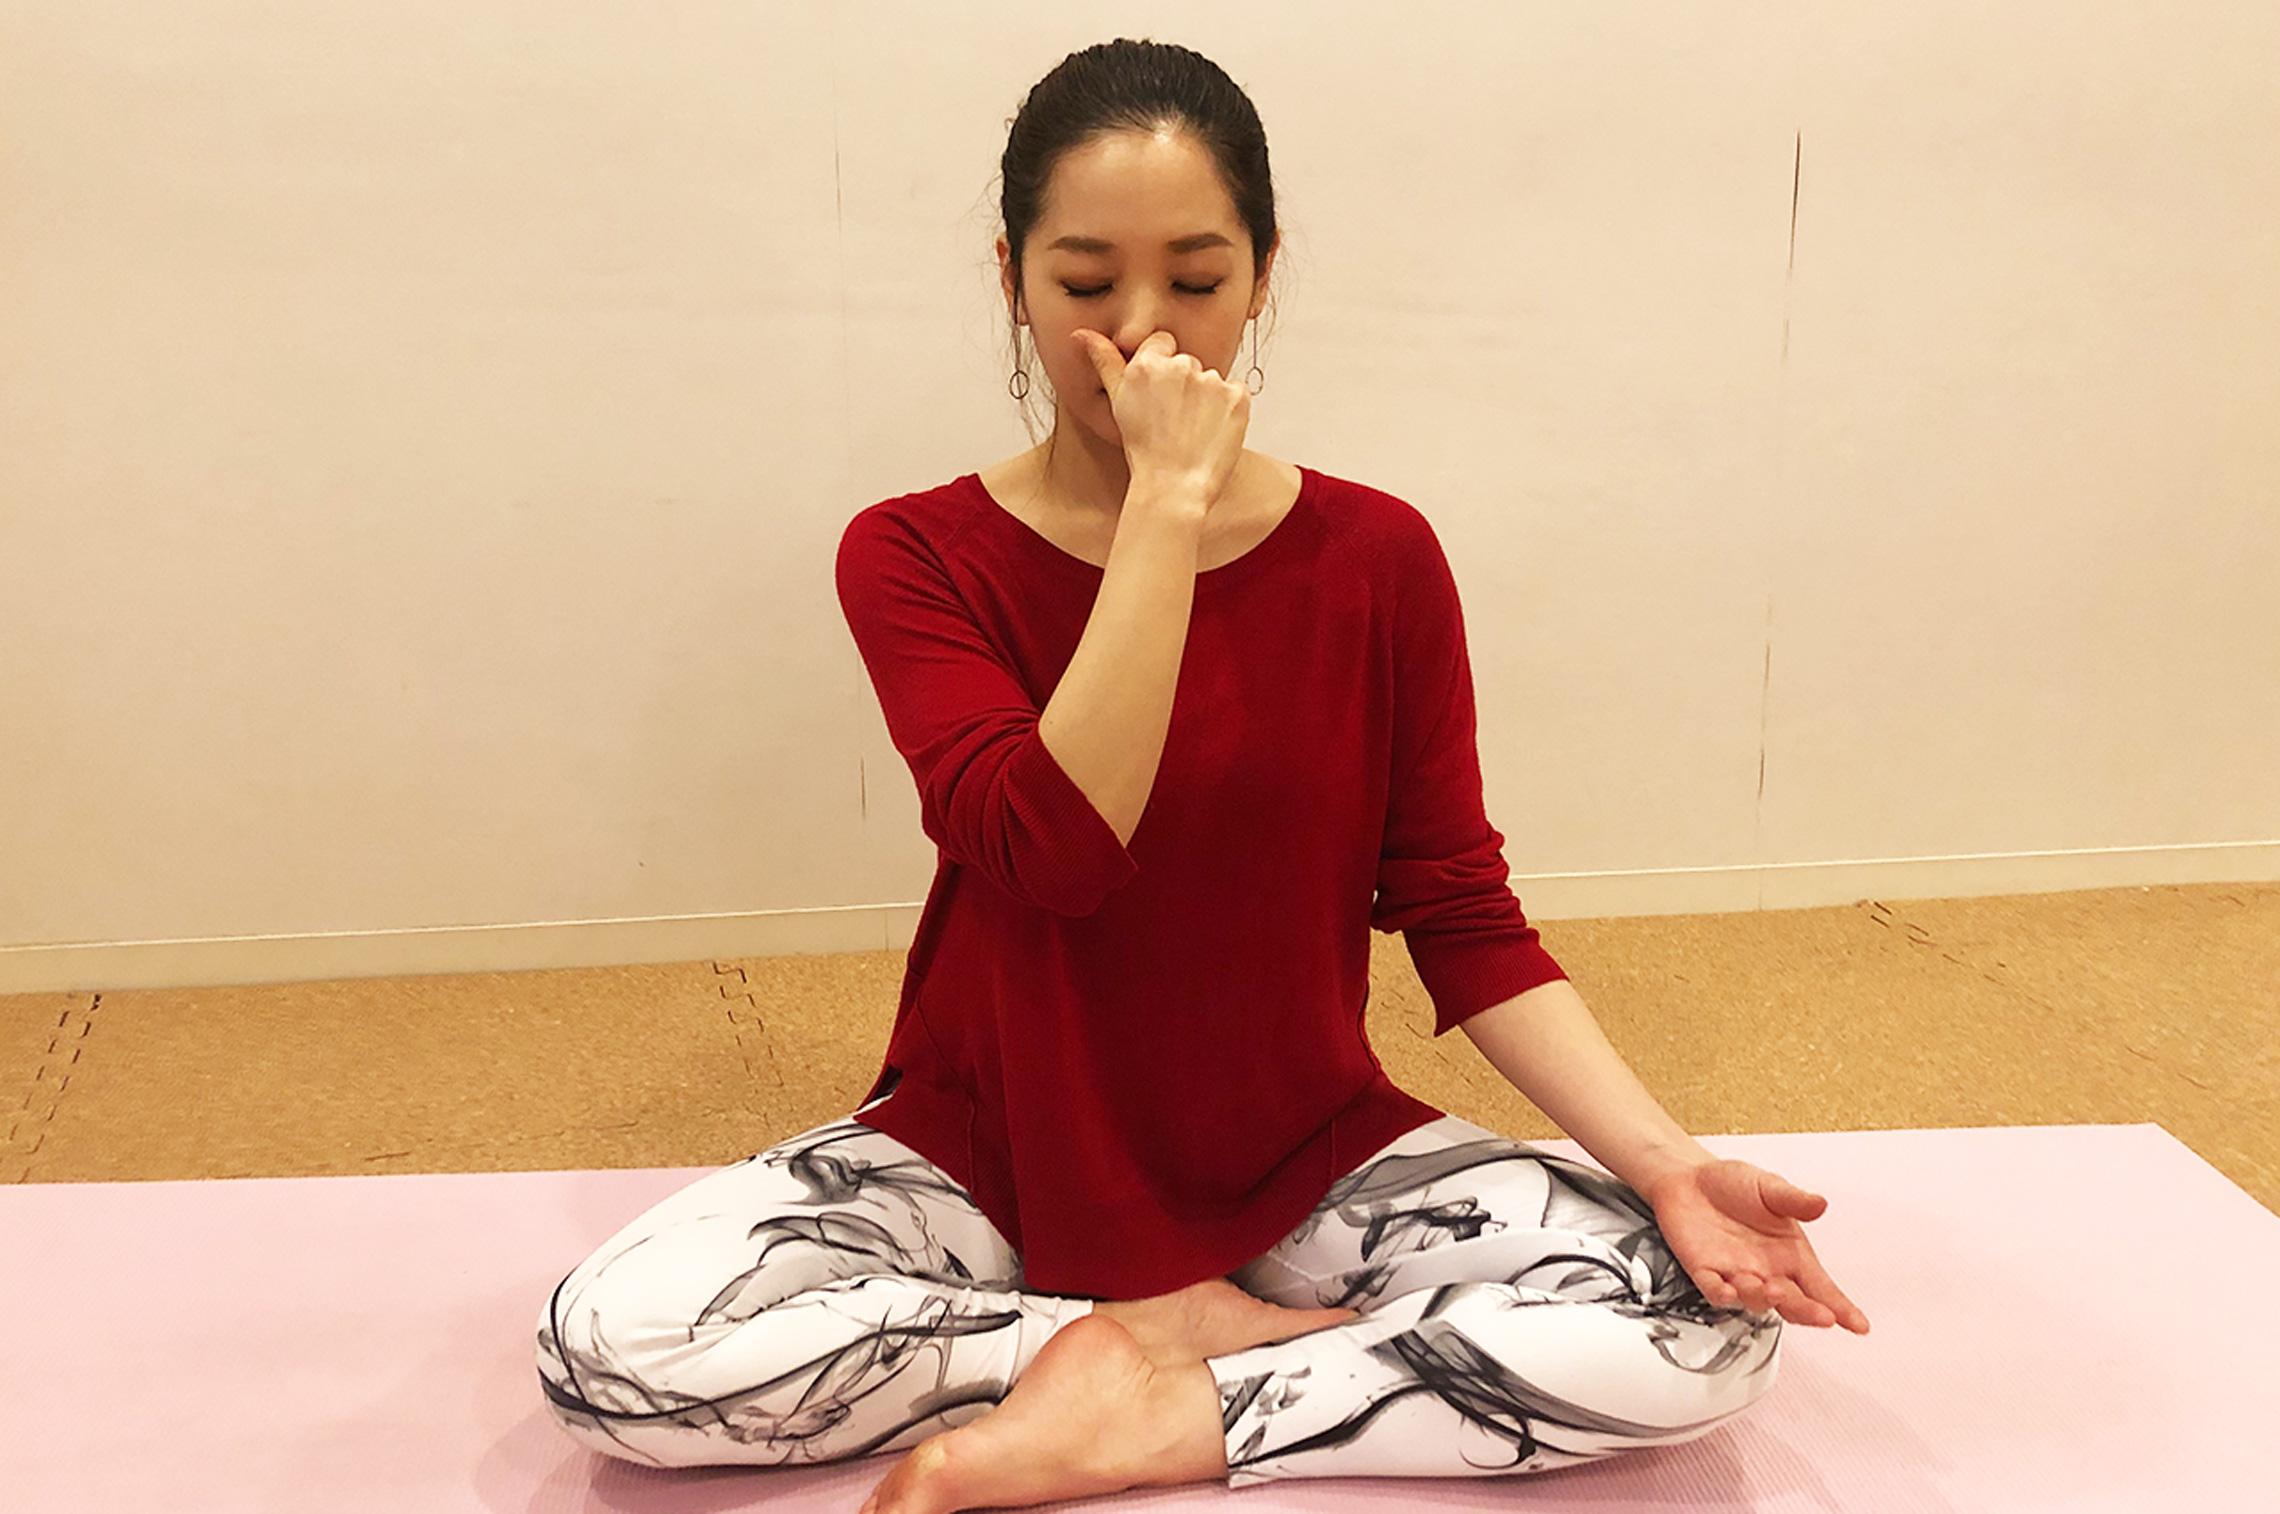 ヨガの片鼻呼吸法をする女性